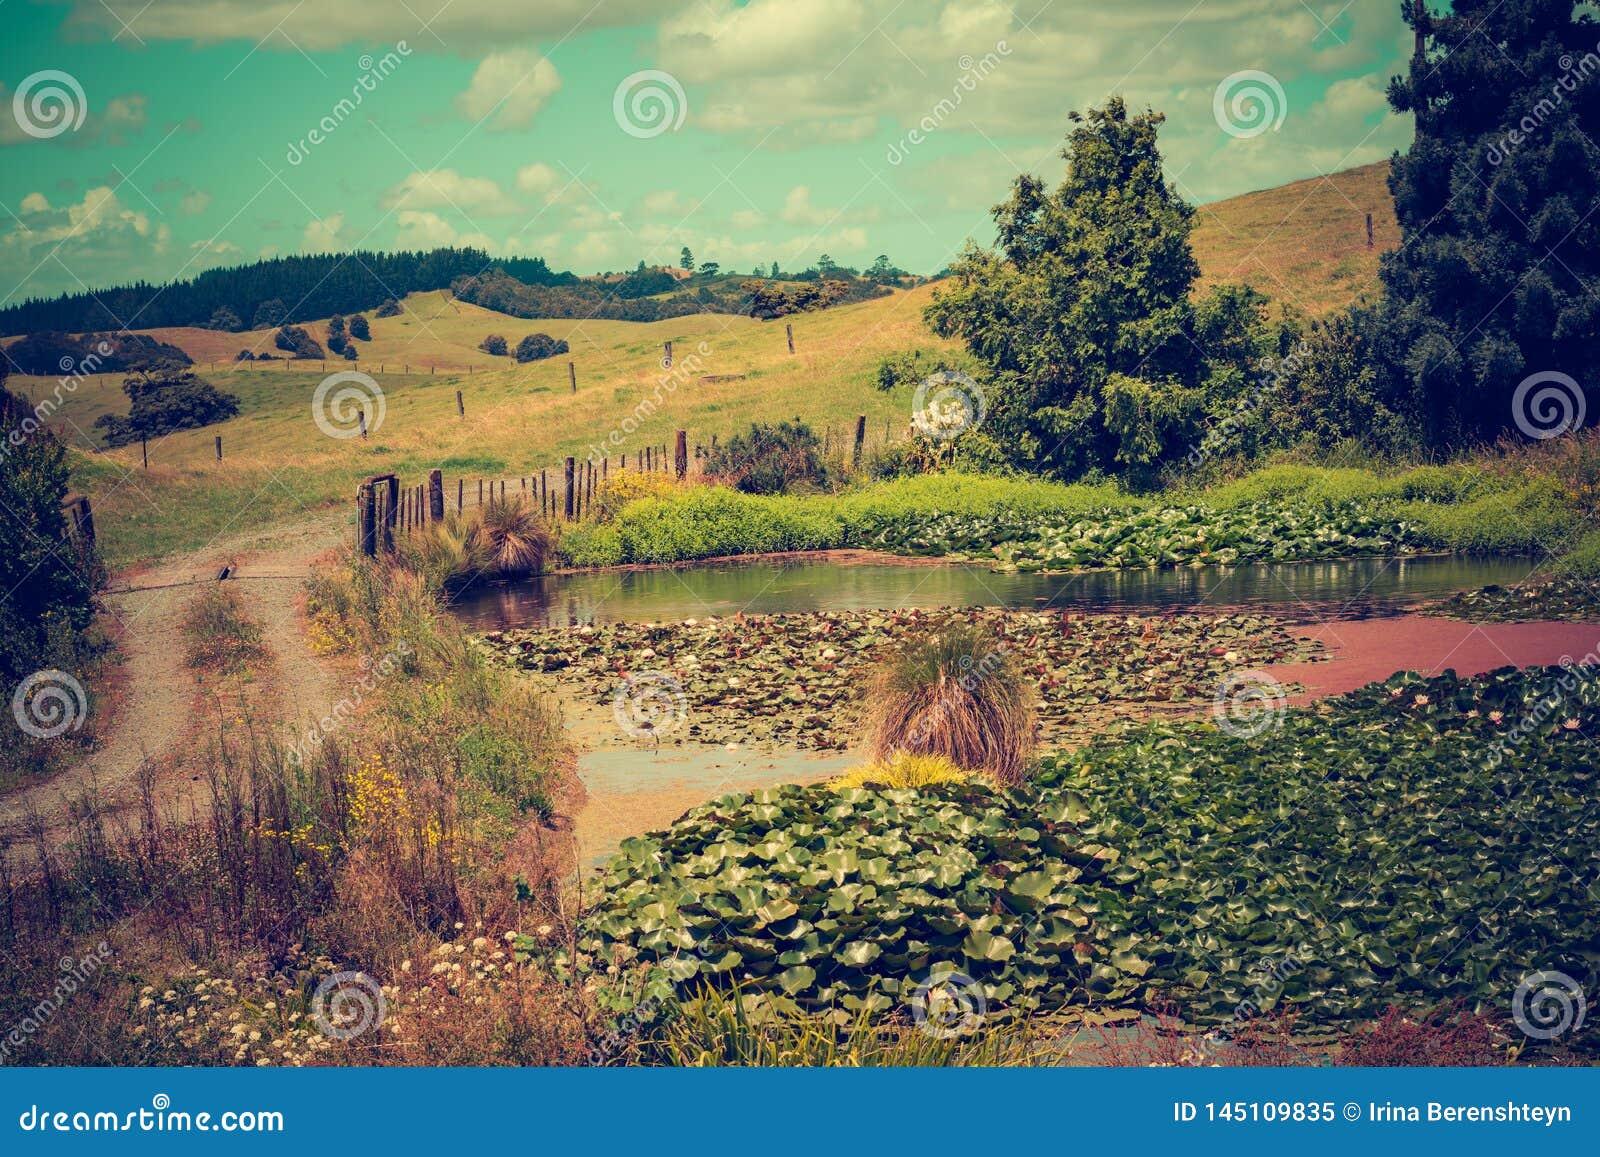 一个农村风景的葡萄酒照片与包缠往豪华的绿色绵延山的石渣路的过去百合池塘